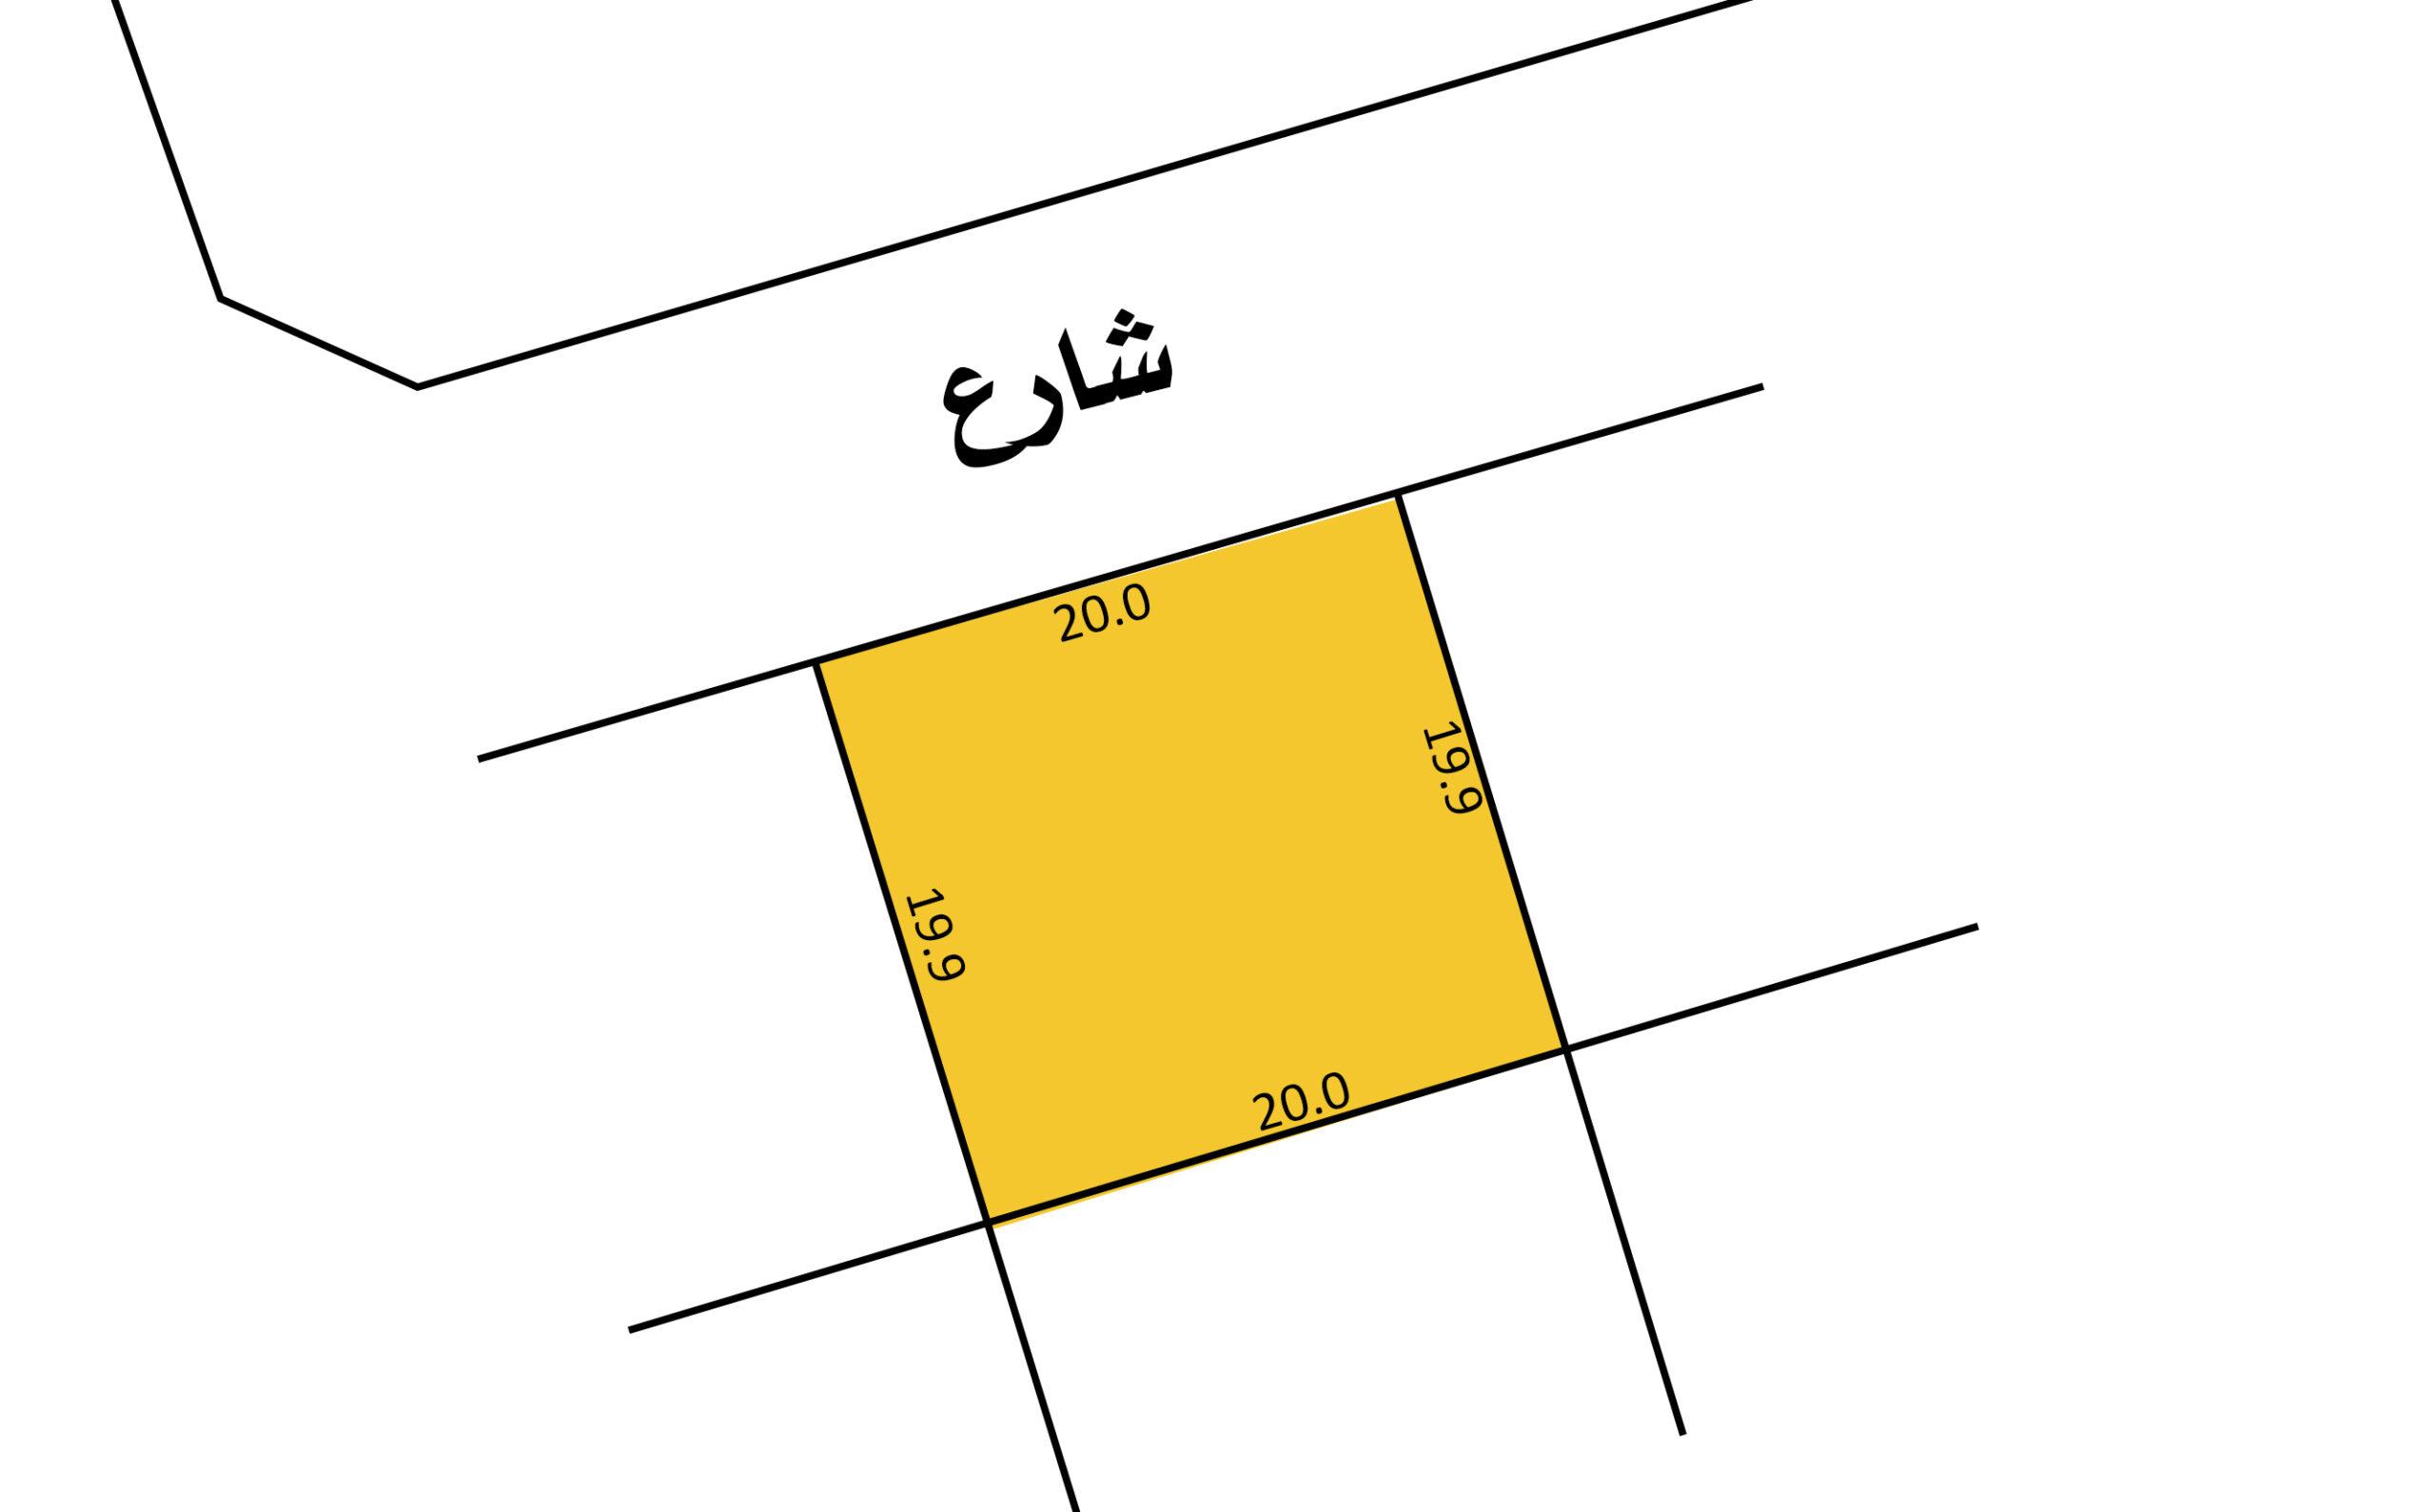 للبيع أرض سكني إستثماري بمنطقة توبلي (بالقرب من الممشى)